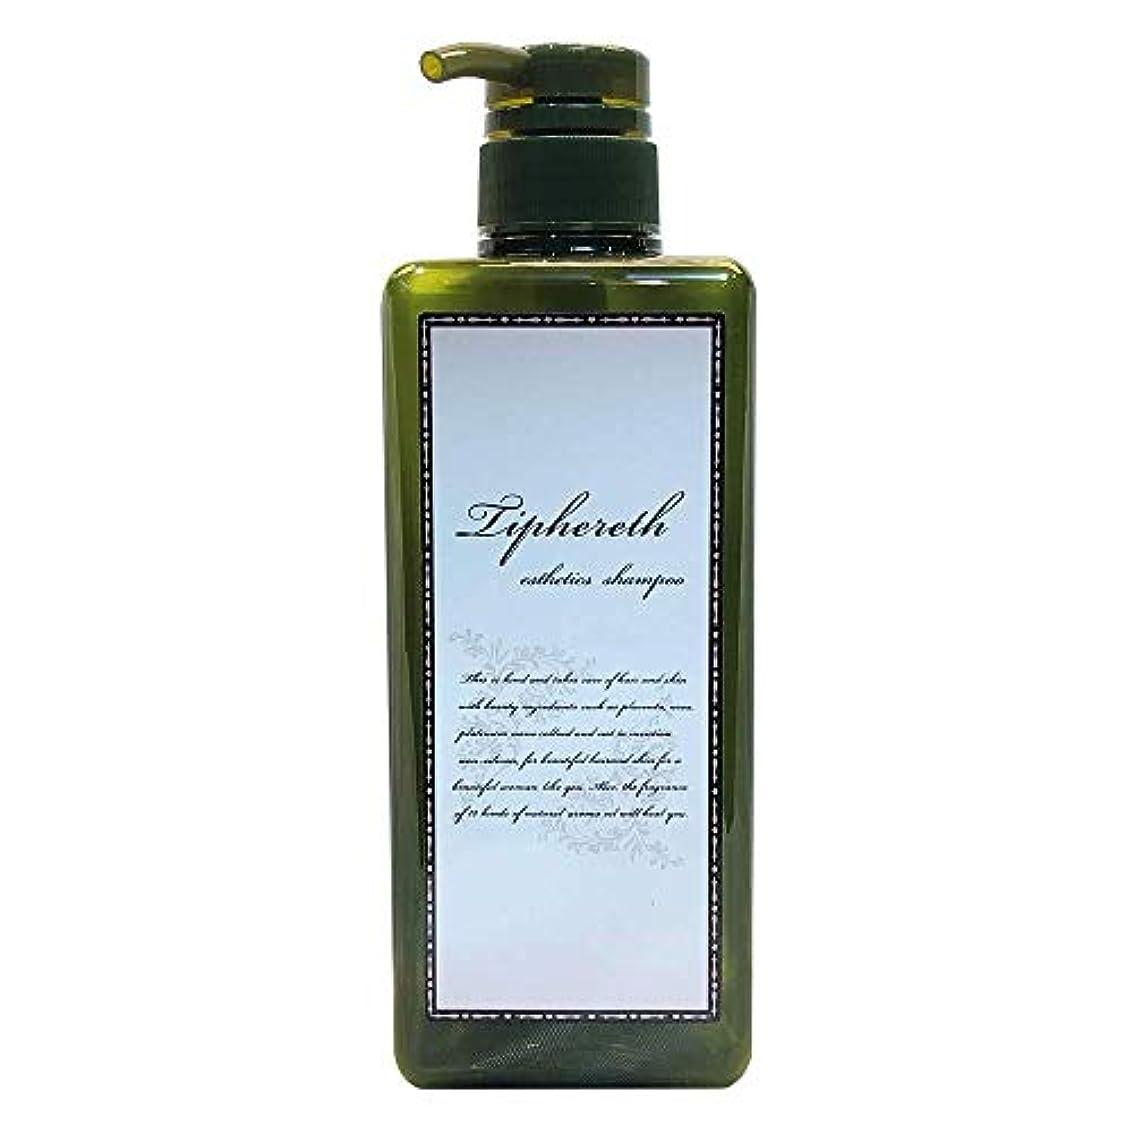 独立して浴室アルコーブティファレト 美容液シャンプー 美容室専売品 頭皮 かゆみ くせ毛 うねり ボリュームが気になる方へ